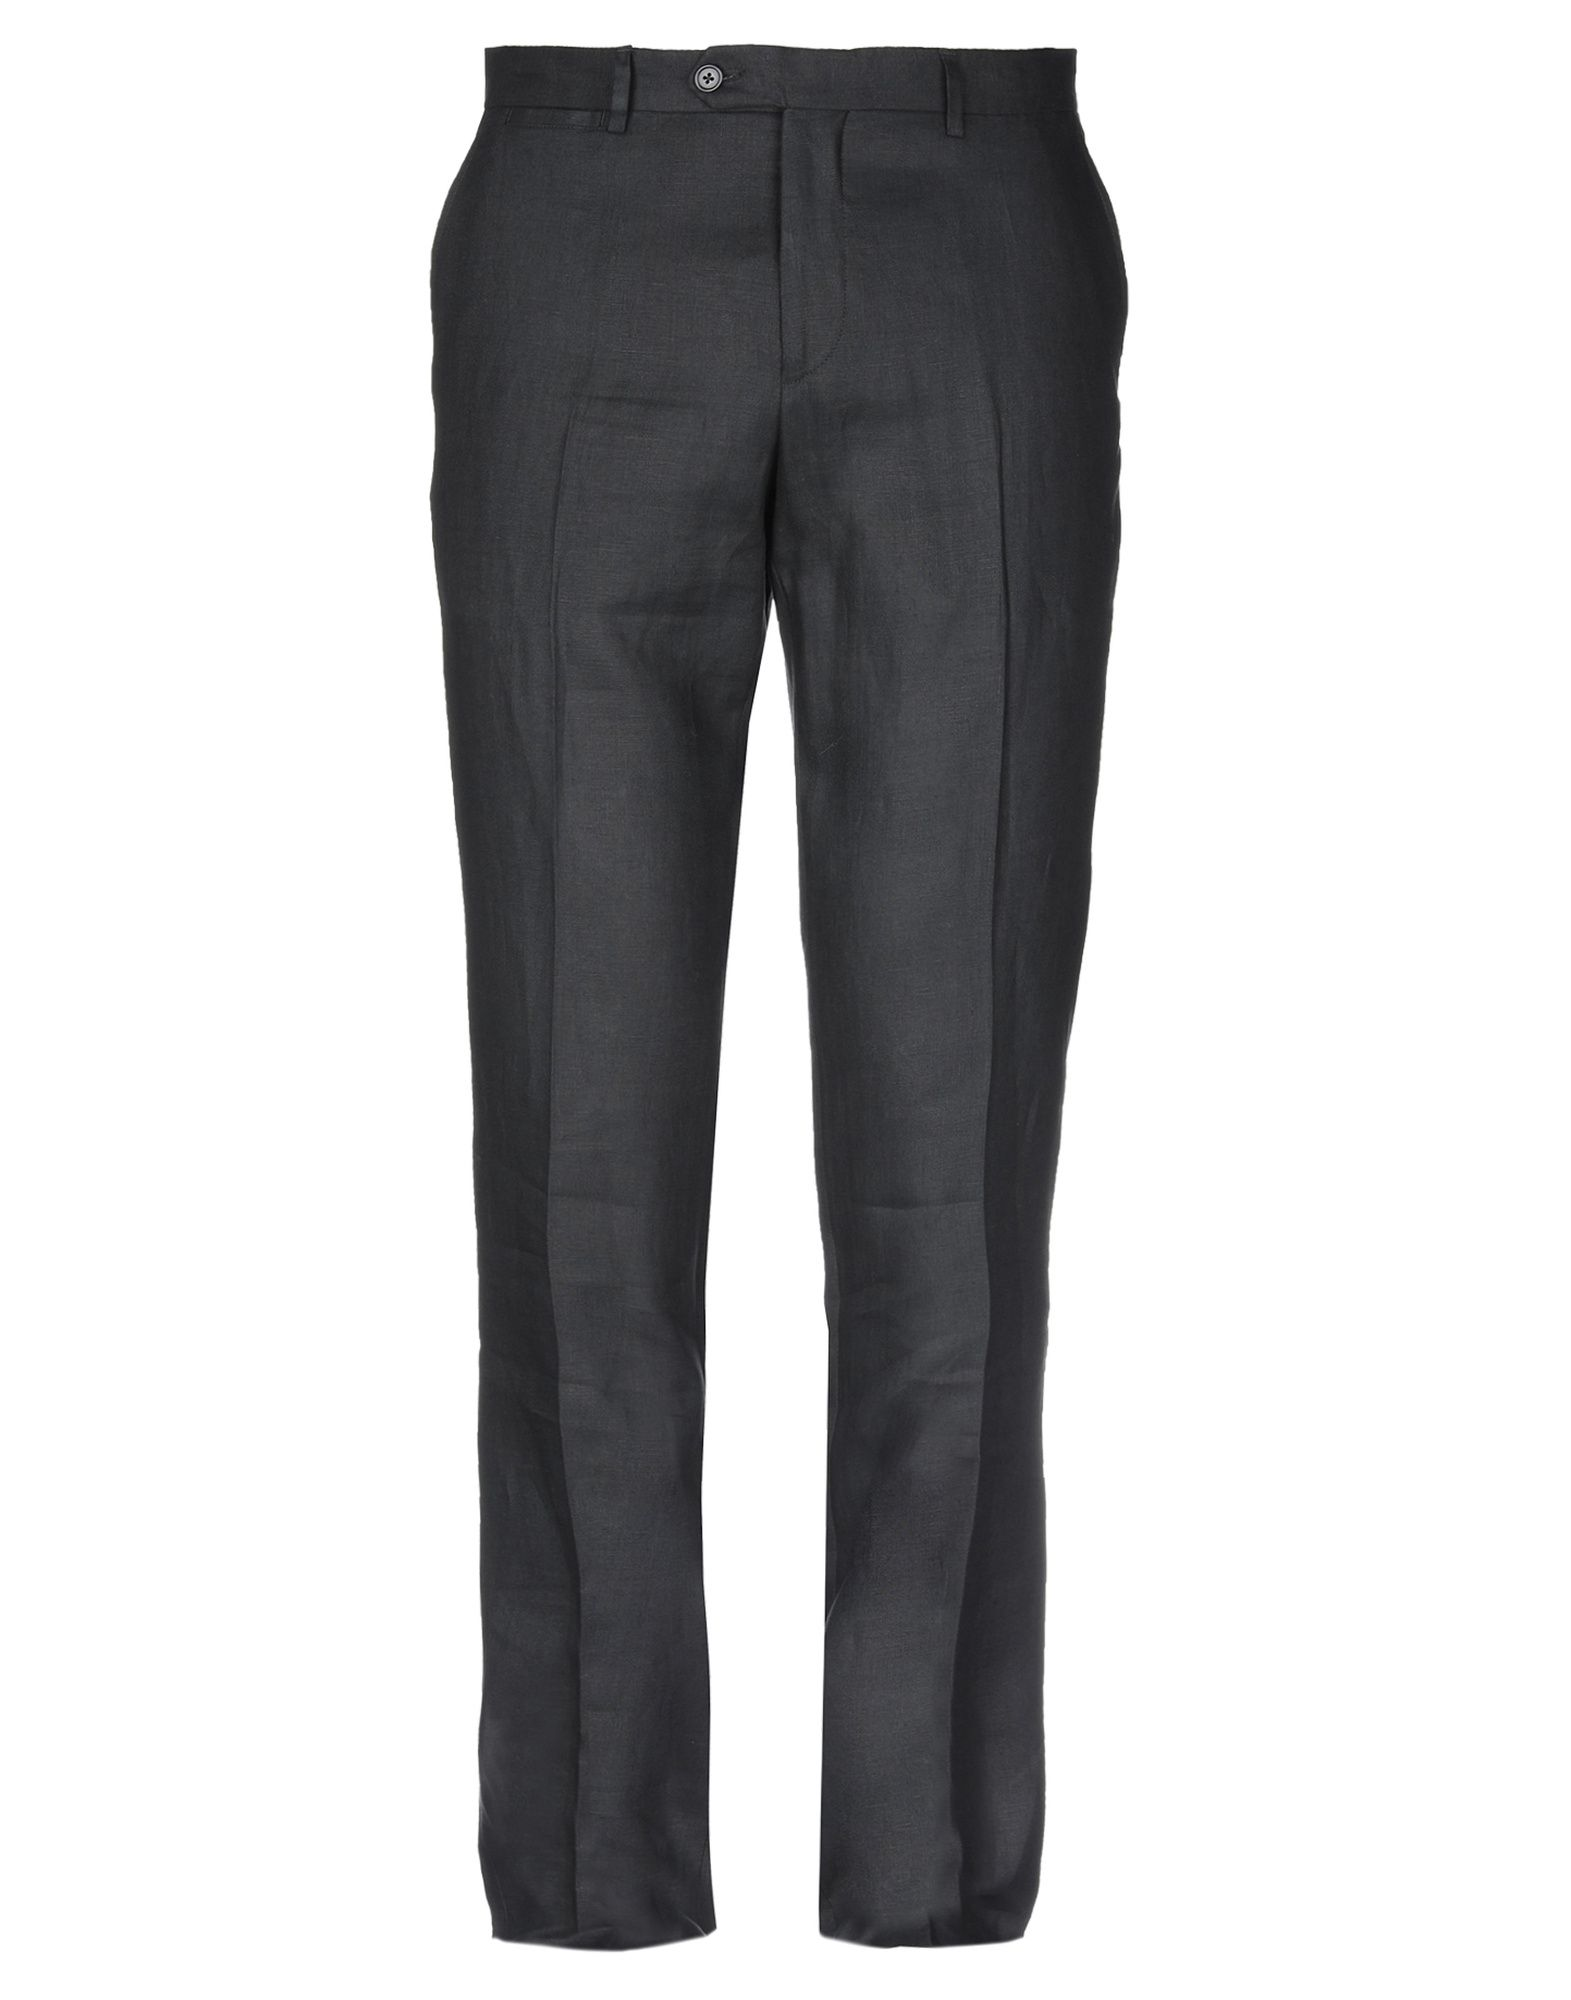 《送料無料》LES COPAINS メンズ パンツ ブラック 50 麻 100%